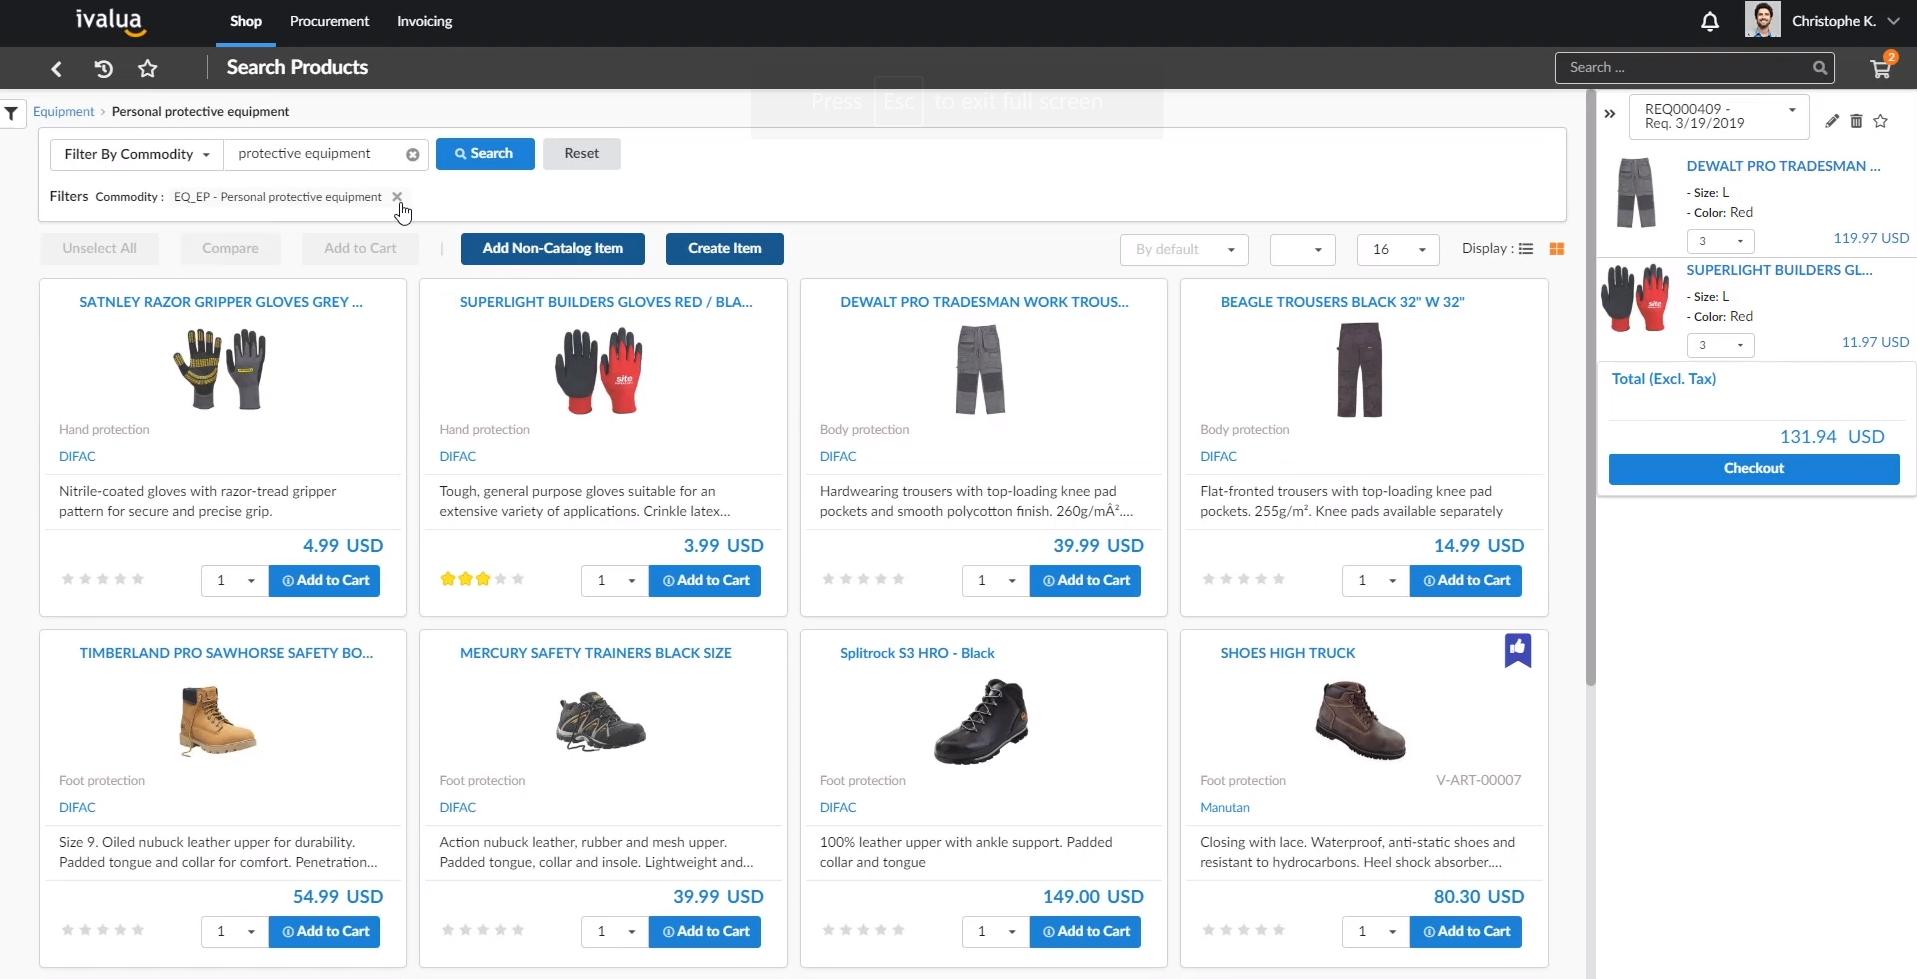 Ivalua kündigt Search360 mit modernsten katalogübergreifenden E-Procurement-Funktionen an